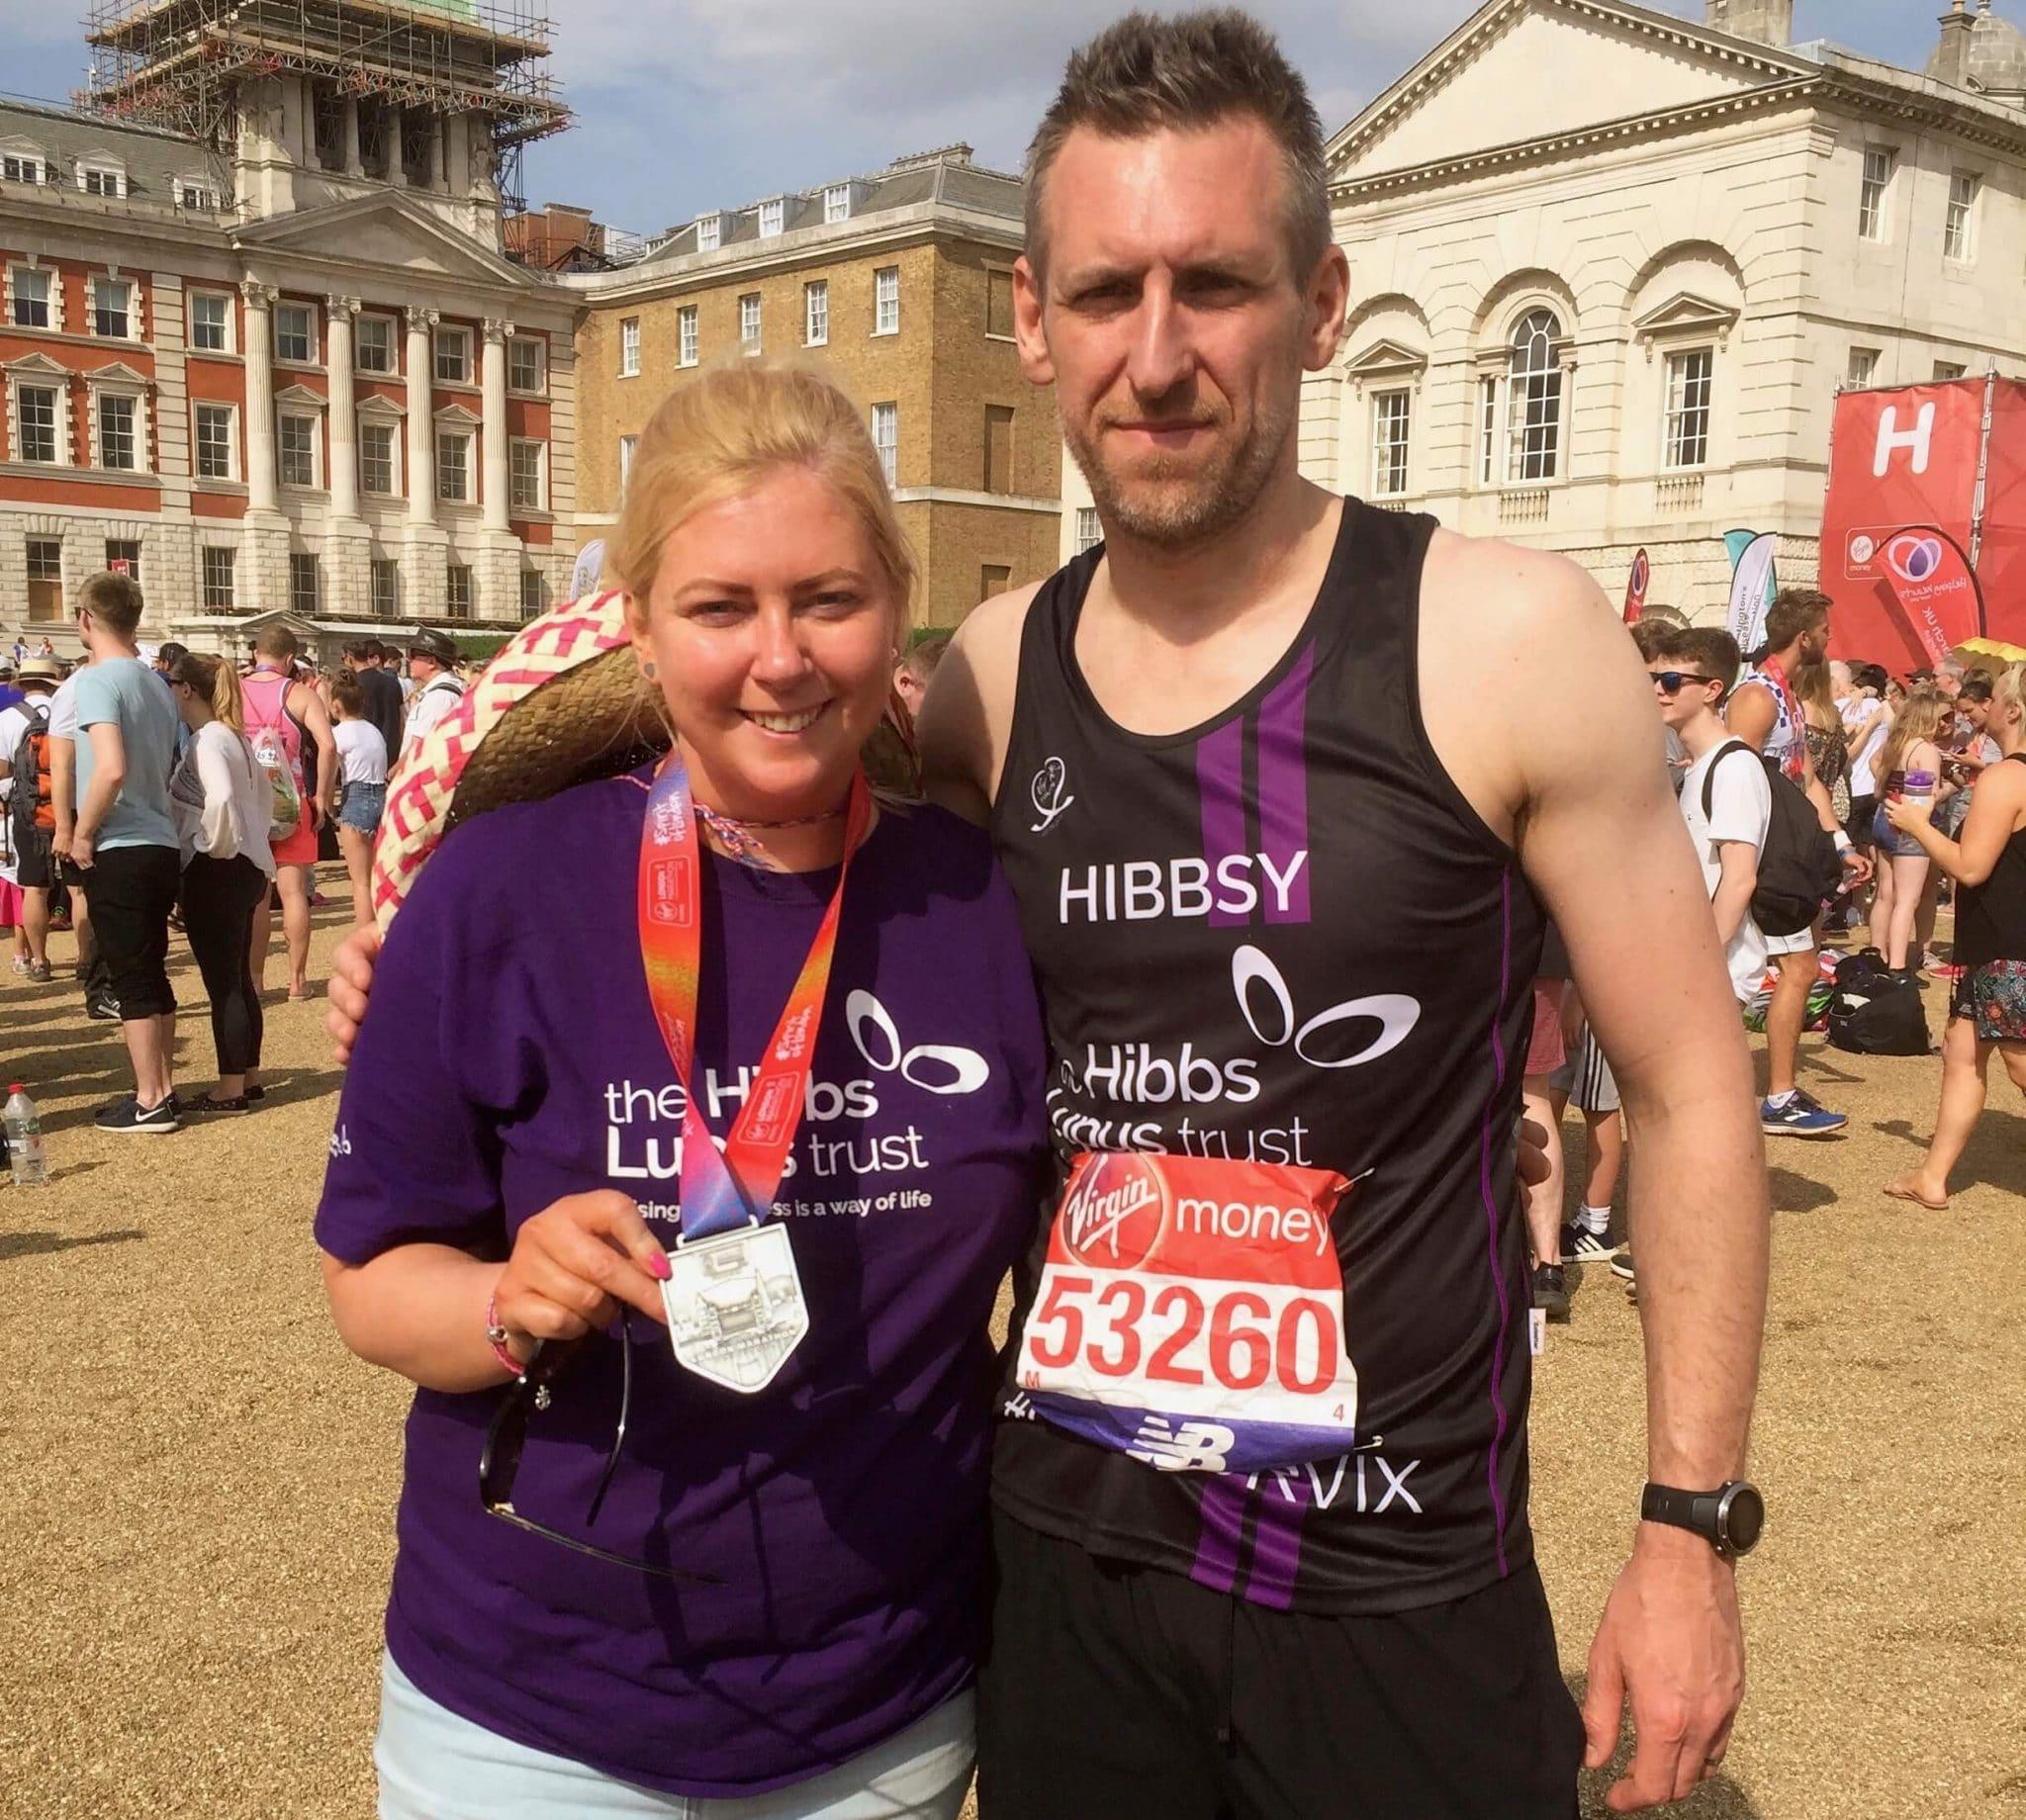 John Hibbs - London Marathon